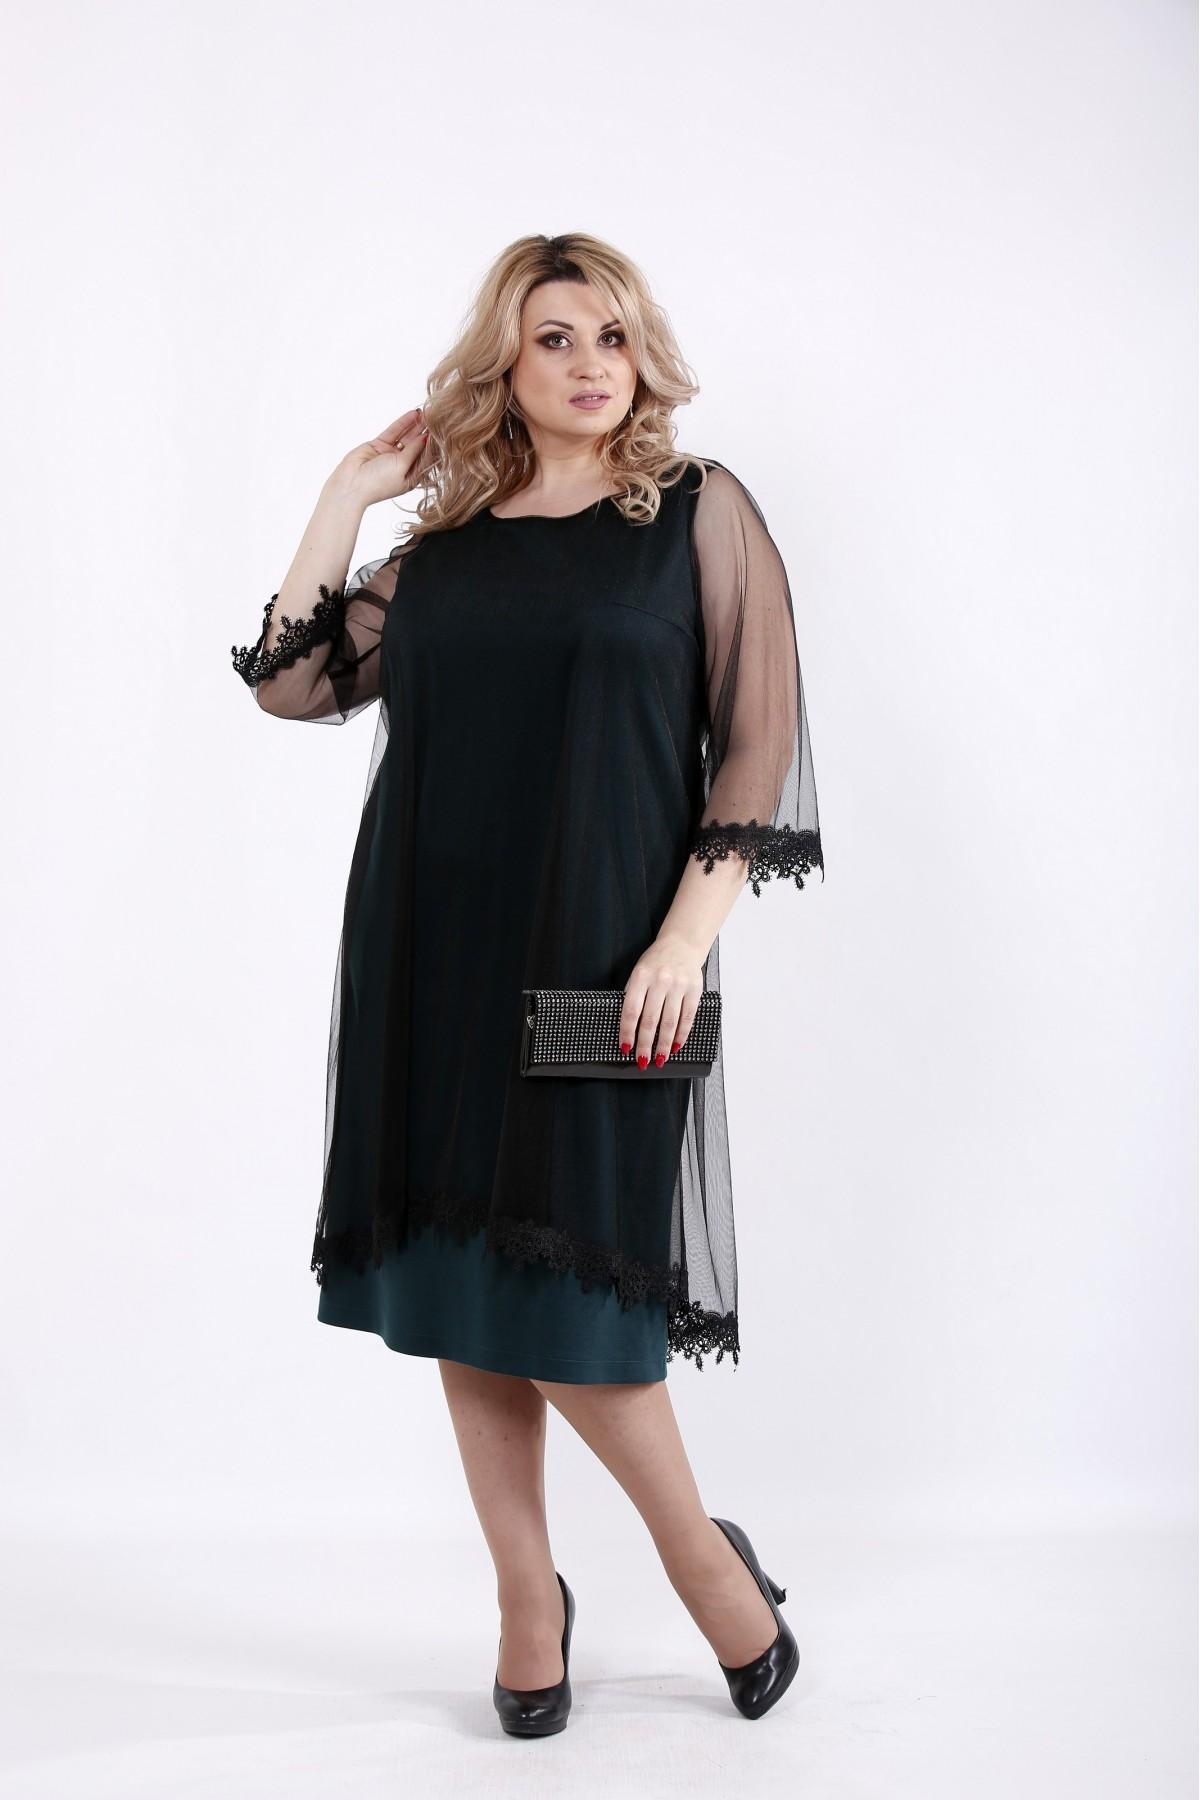 ef4c700021bac3 Купити Трикотажне ошатне плаття з органзой   01063-2 ♥ Гаррі Шоп